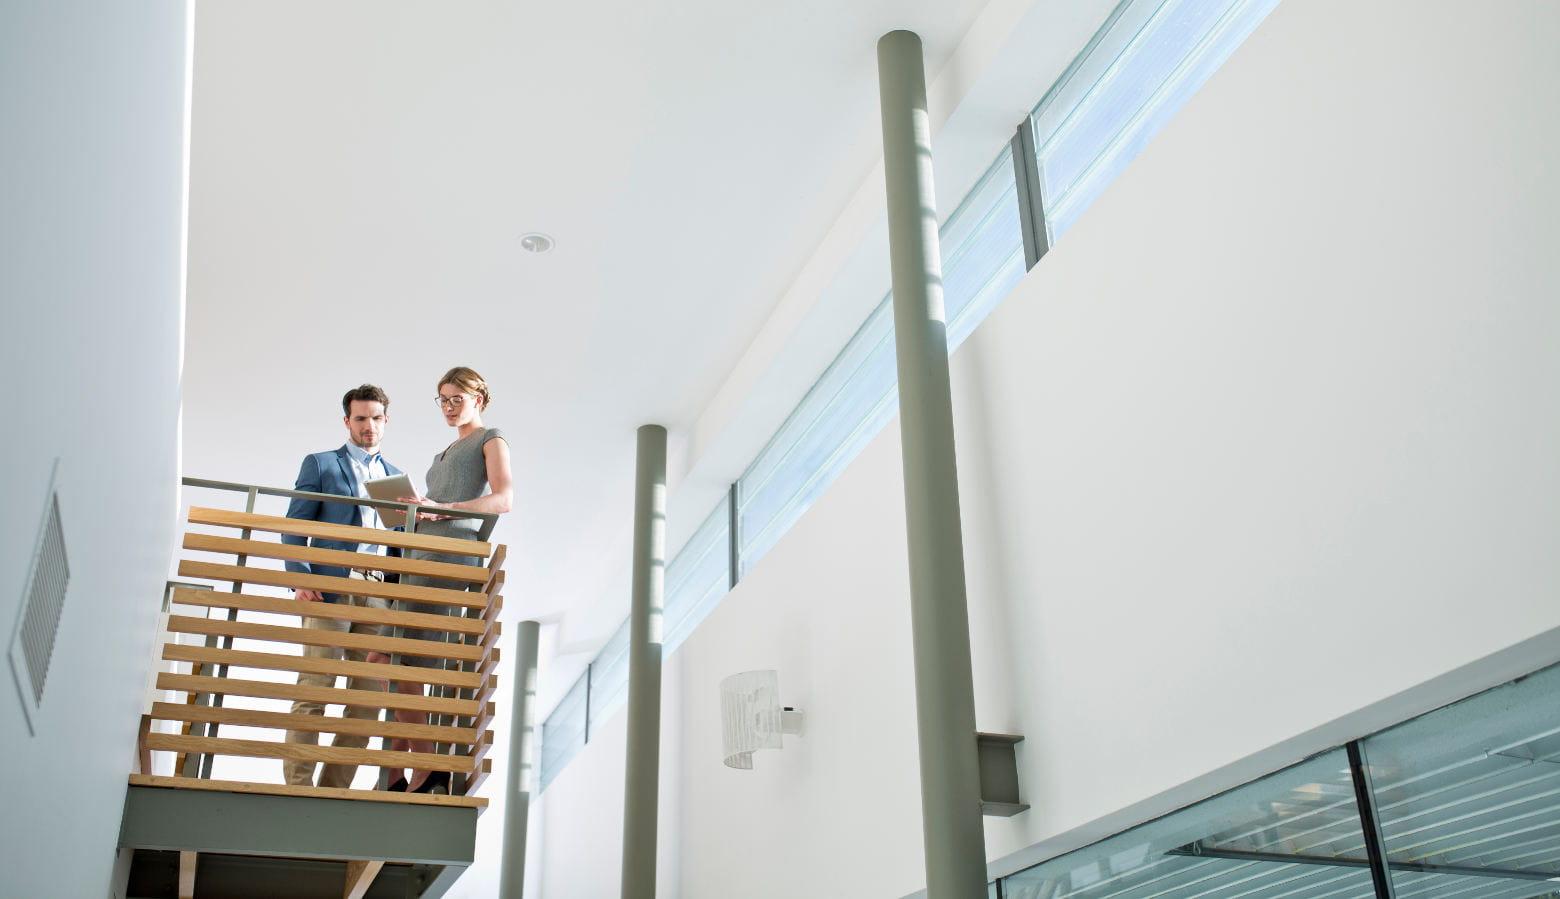 2 personas en el descansillo de un edificio